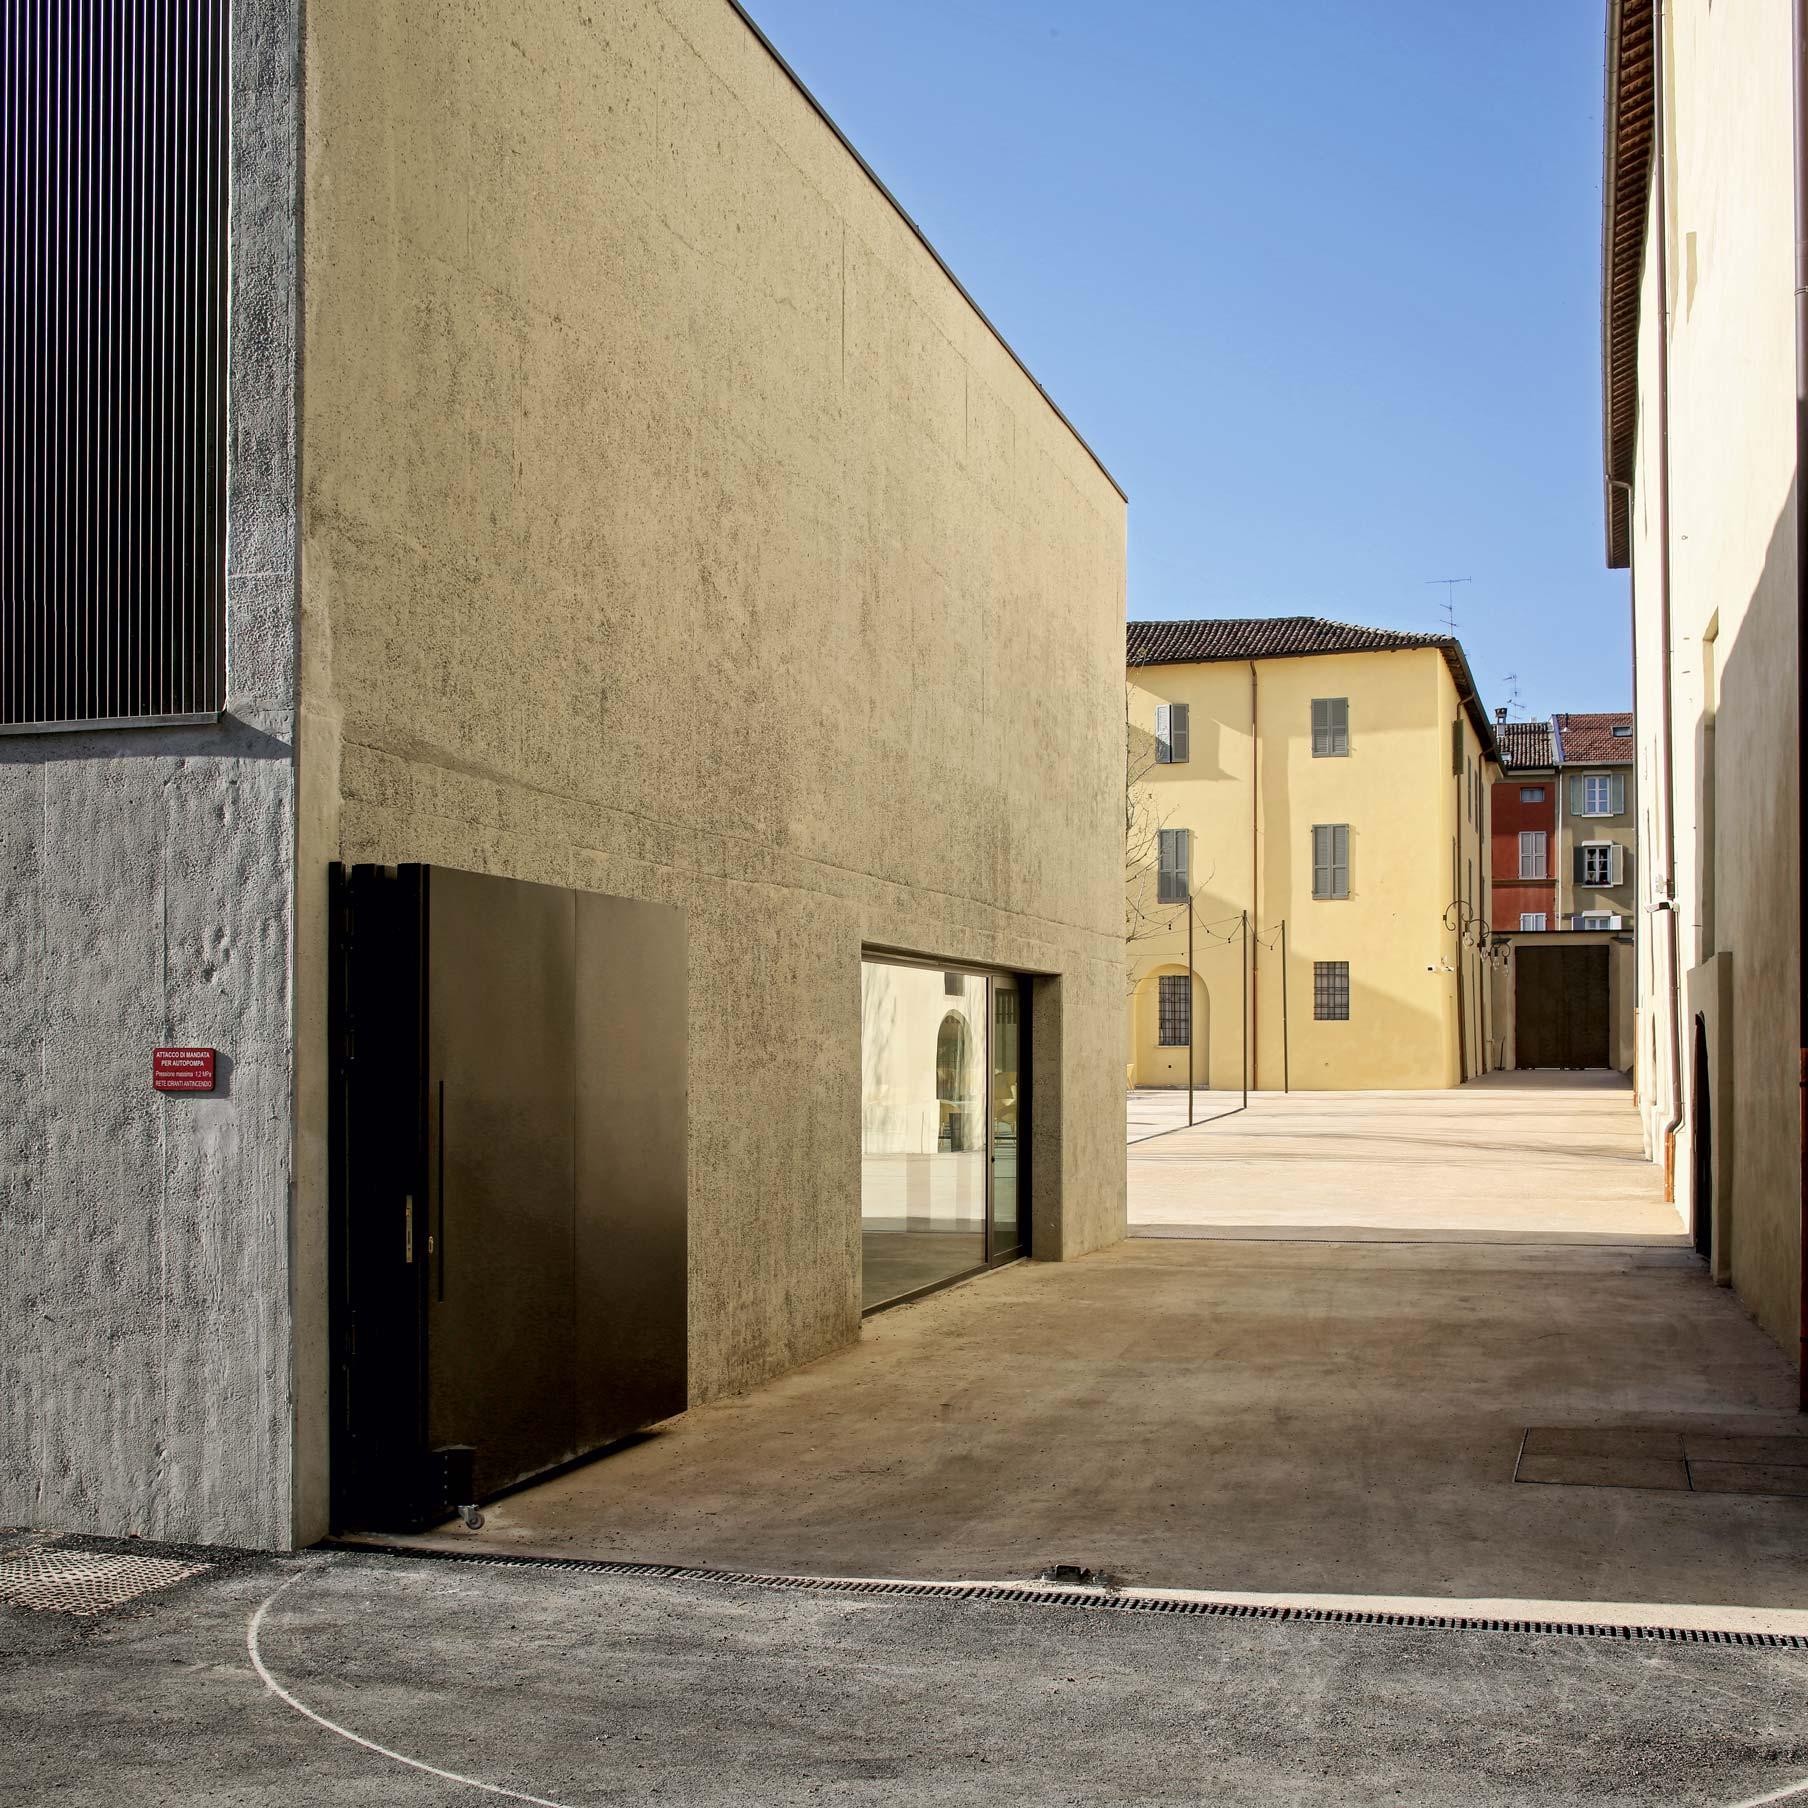 scorcio ingresso San Pietro a Reggio Emilia